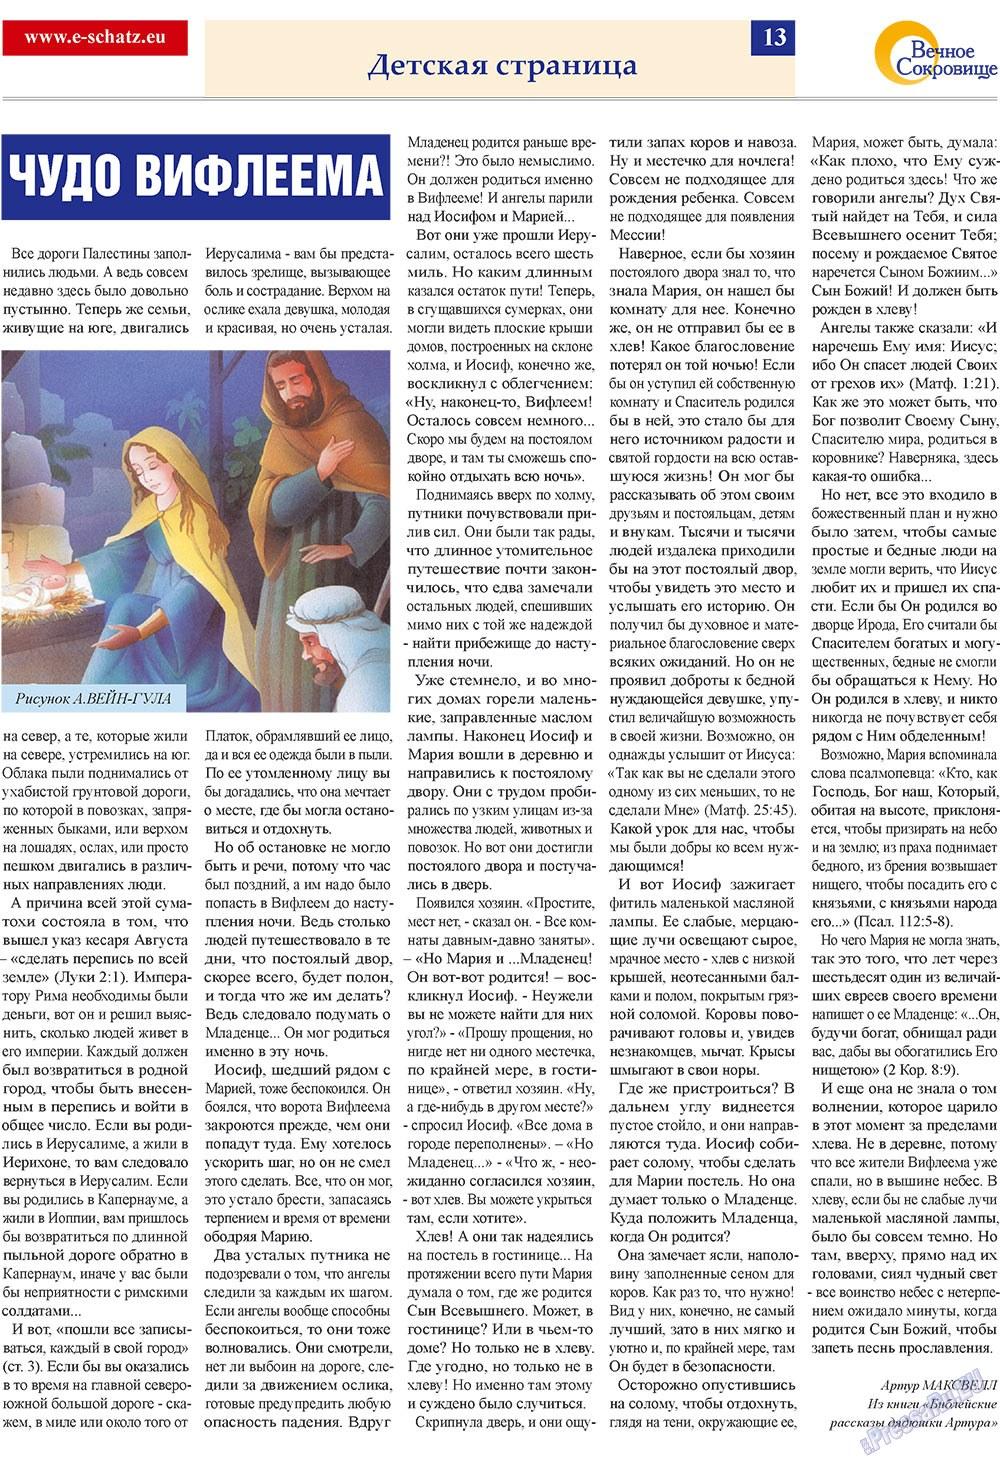 Вечное сокровище (газета). 2009 год, номер 4, стр. 13